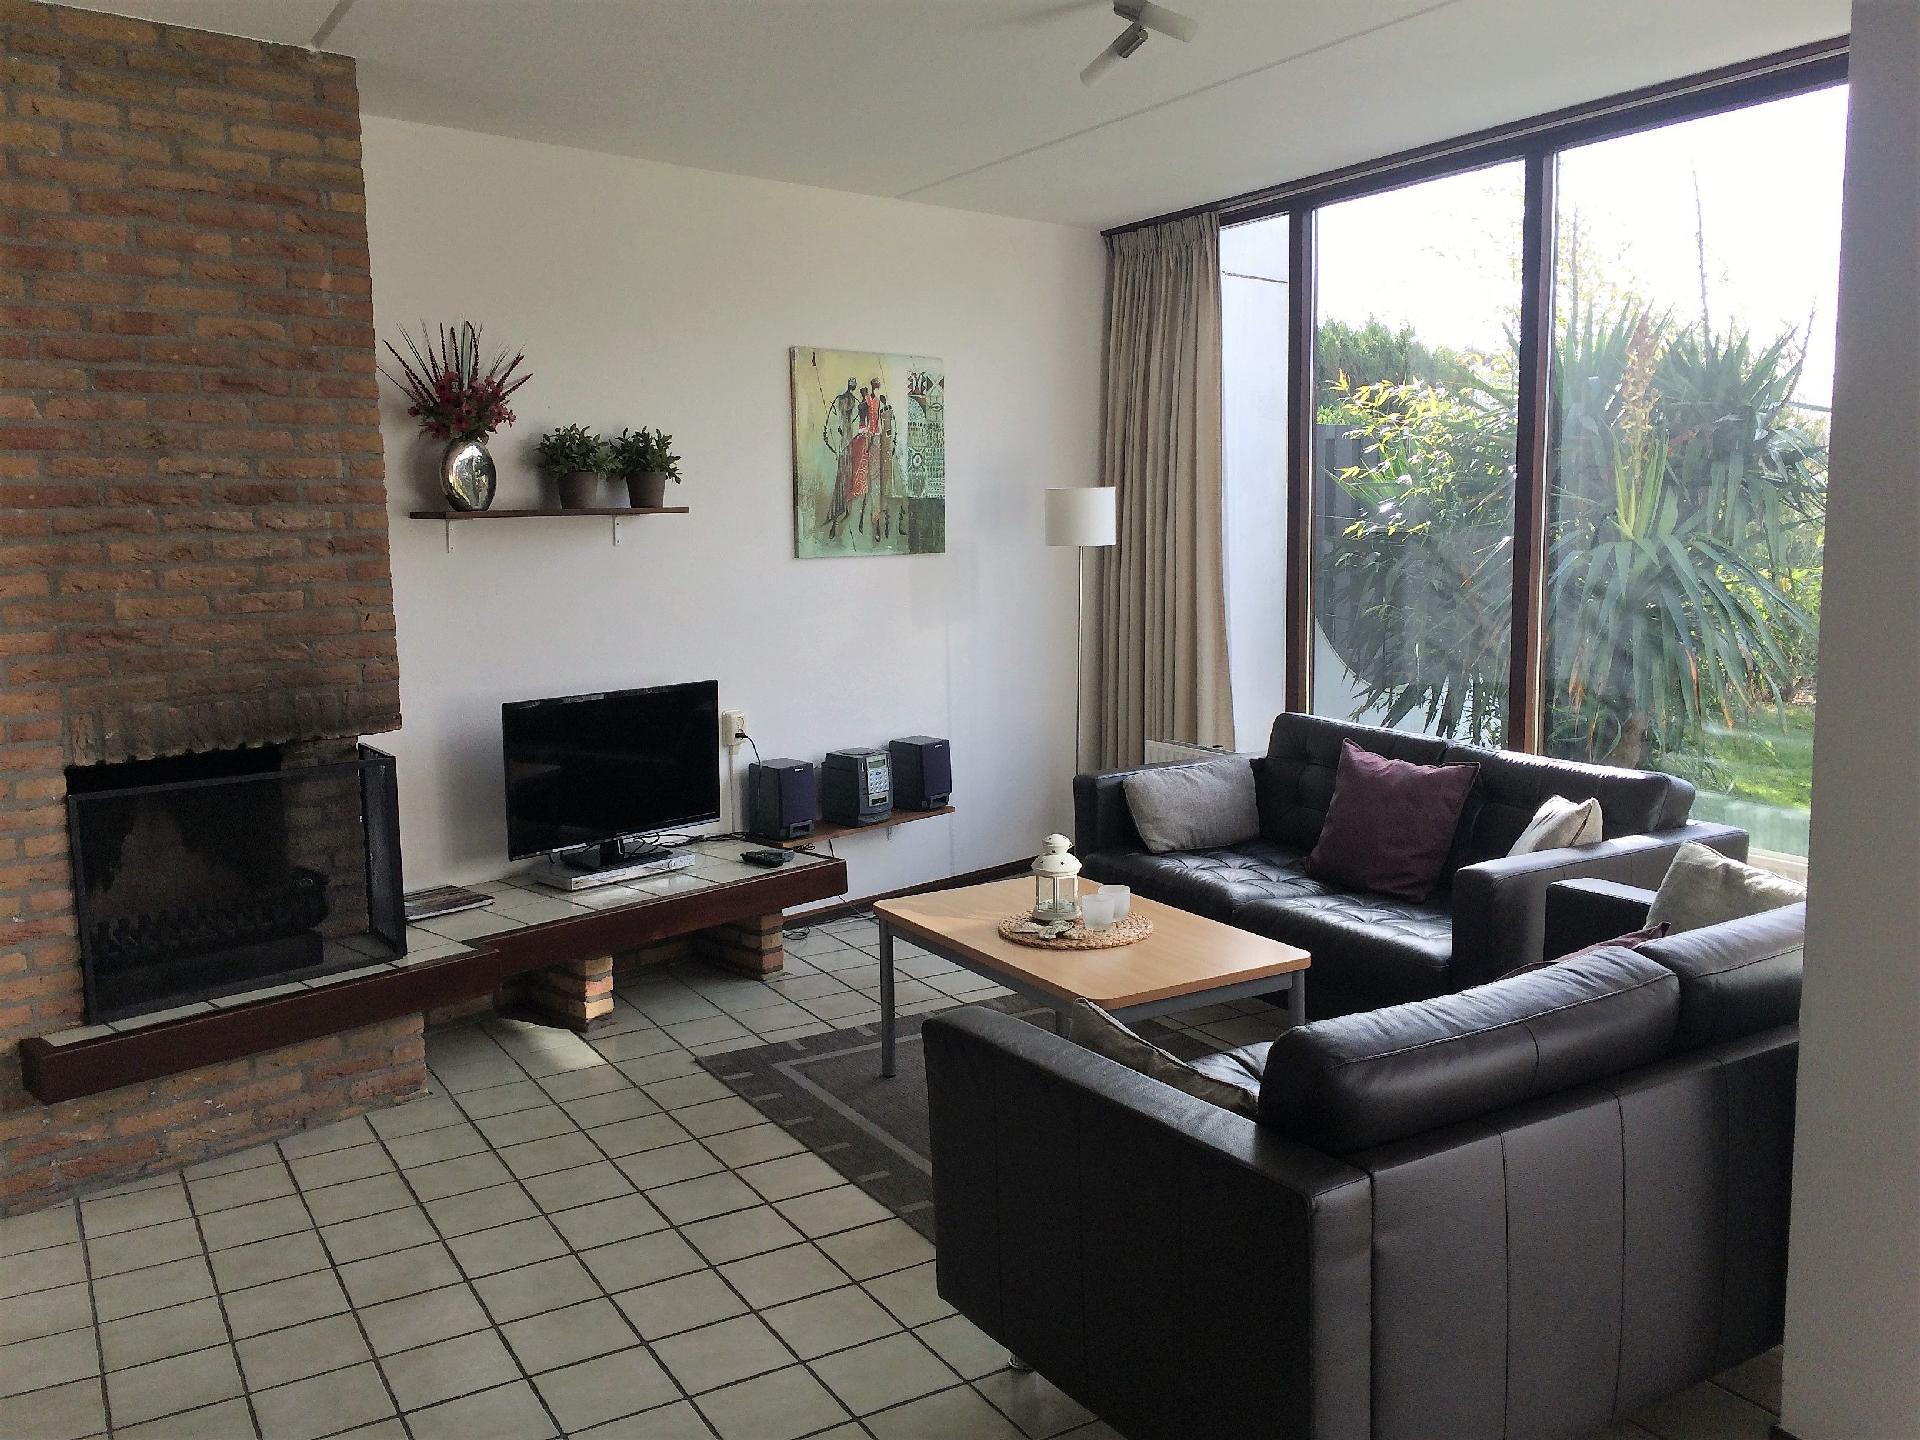 Ferienhaus für 4 Personen ca 80 m² in Brouwershaven Zeeland Küste von Zeeland